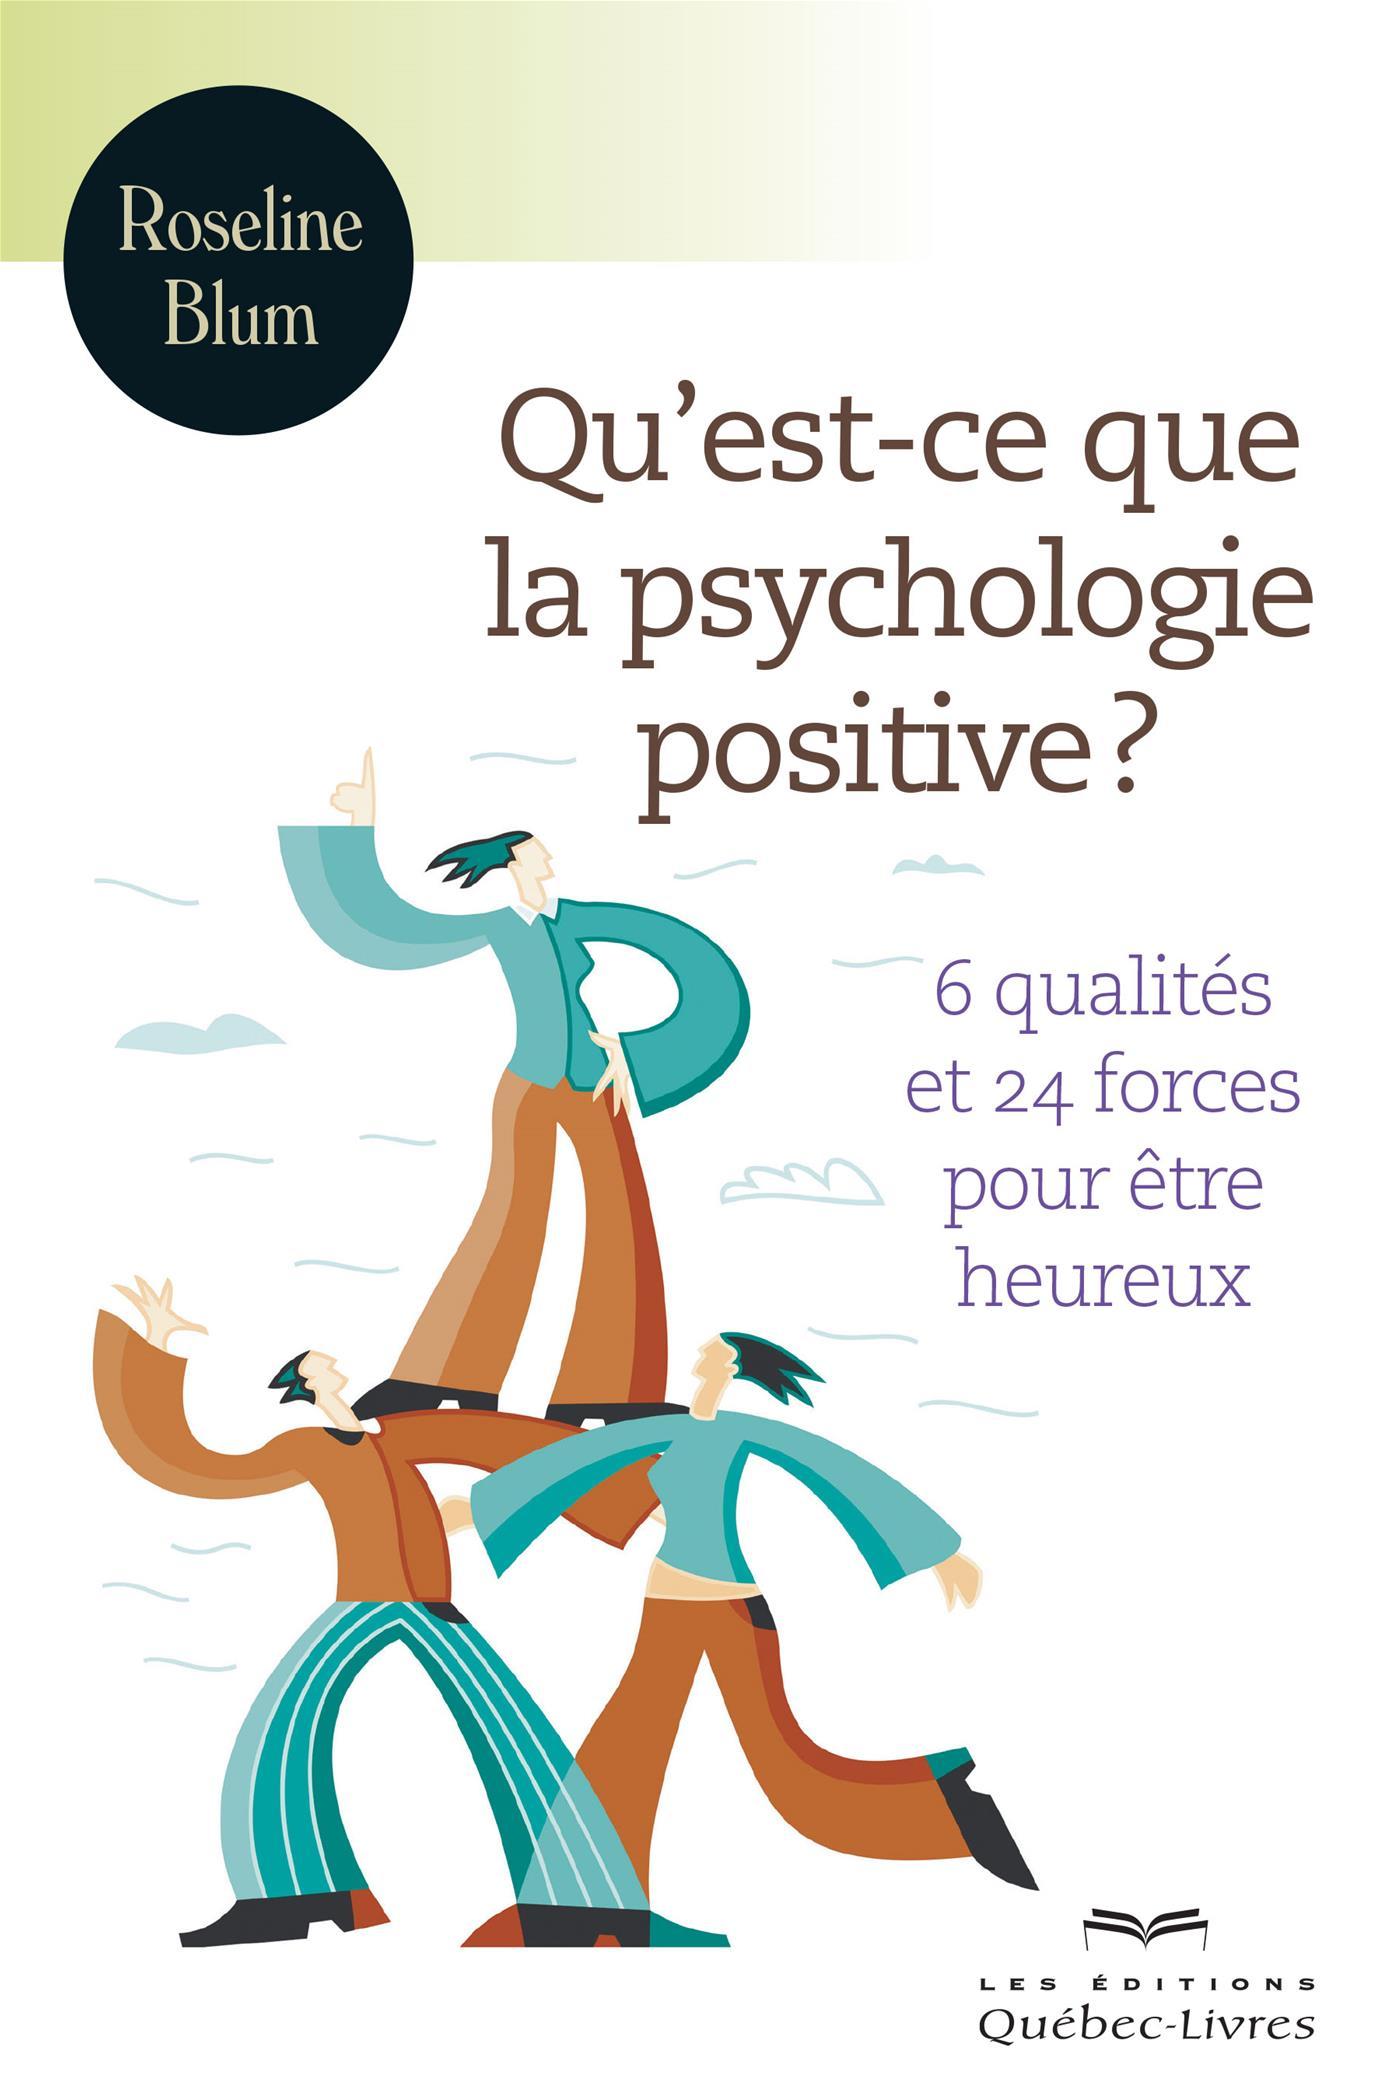 Qu'est-ce que la psychologie positive?